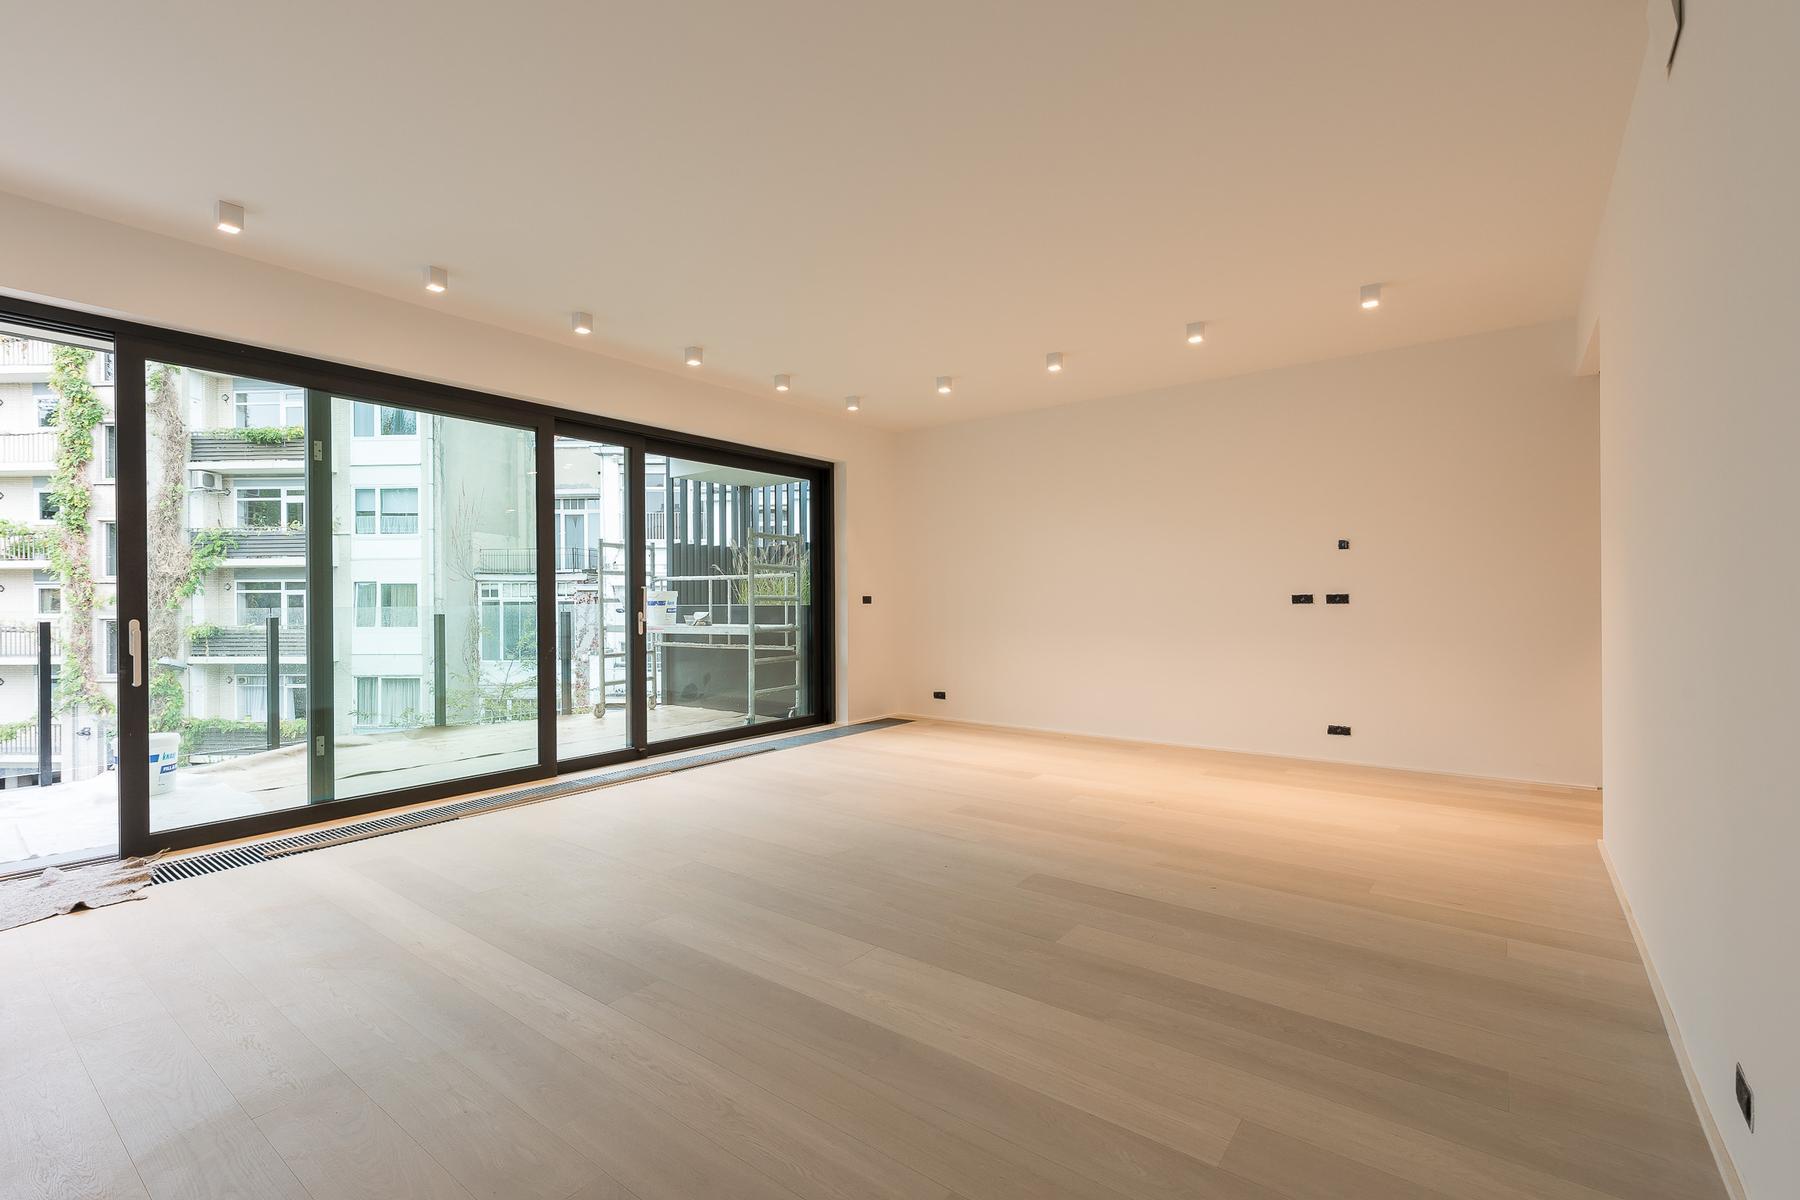 شقة للـ Rent في Ixelles I Quartier Louise Brussels, Brussels, 1050 Belgium